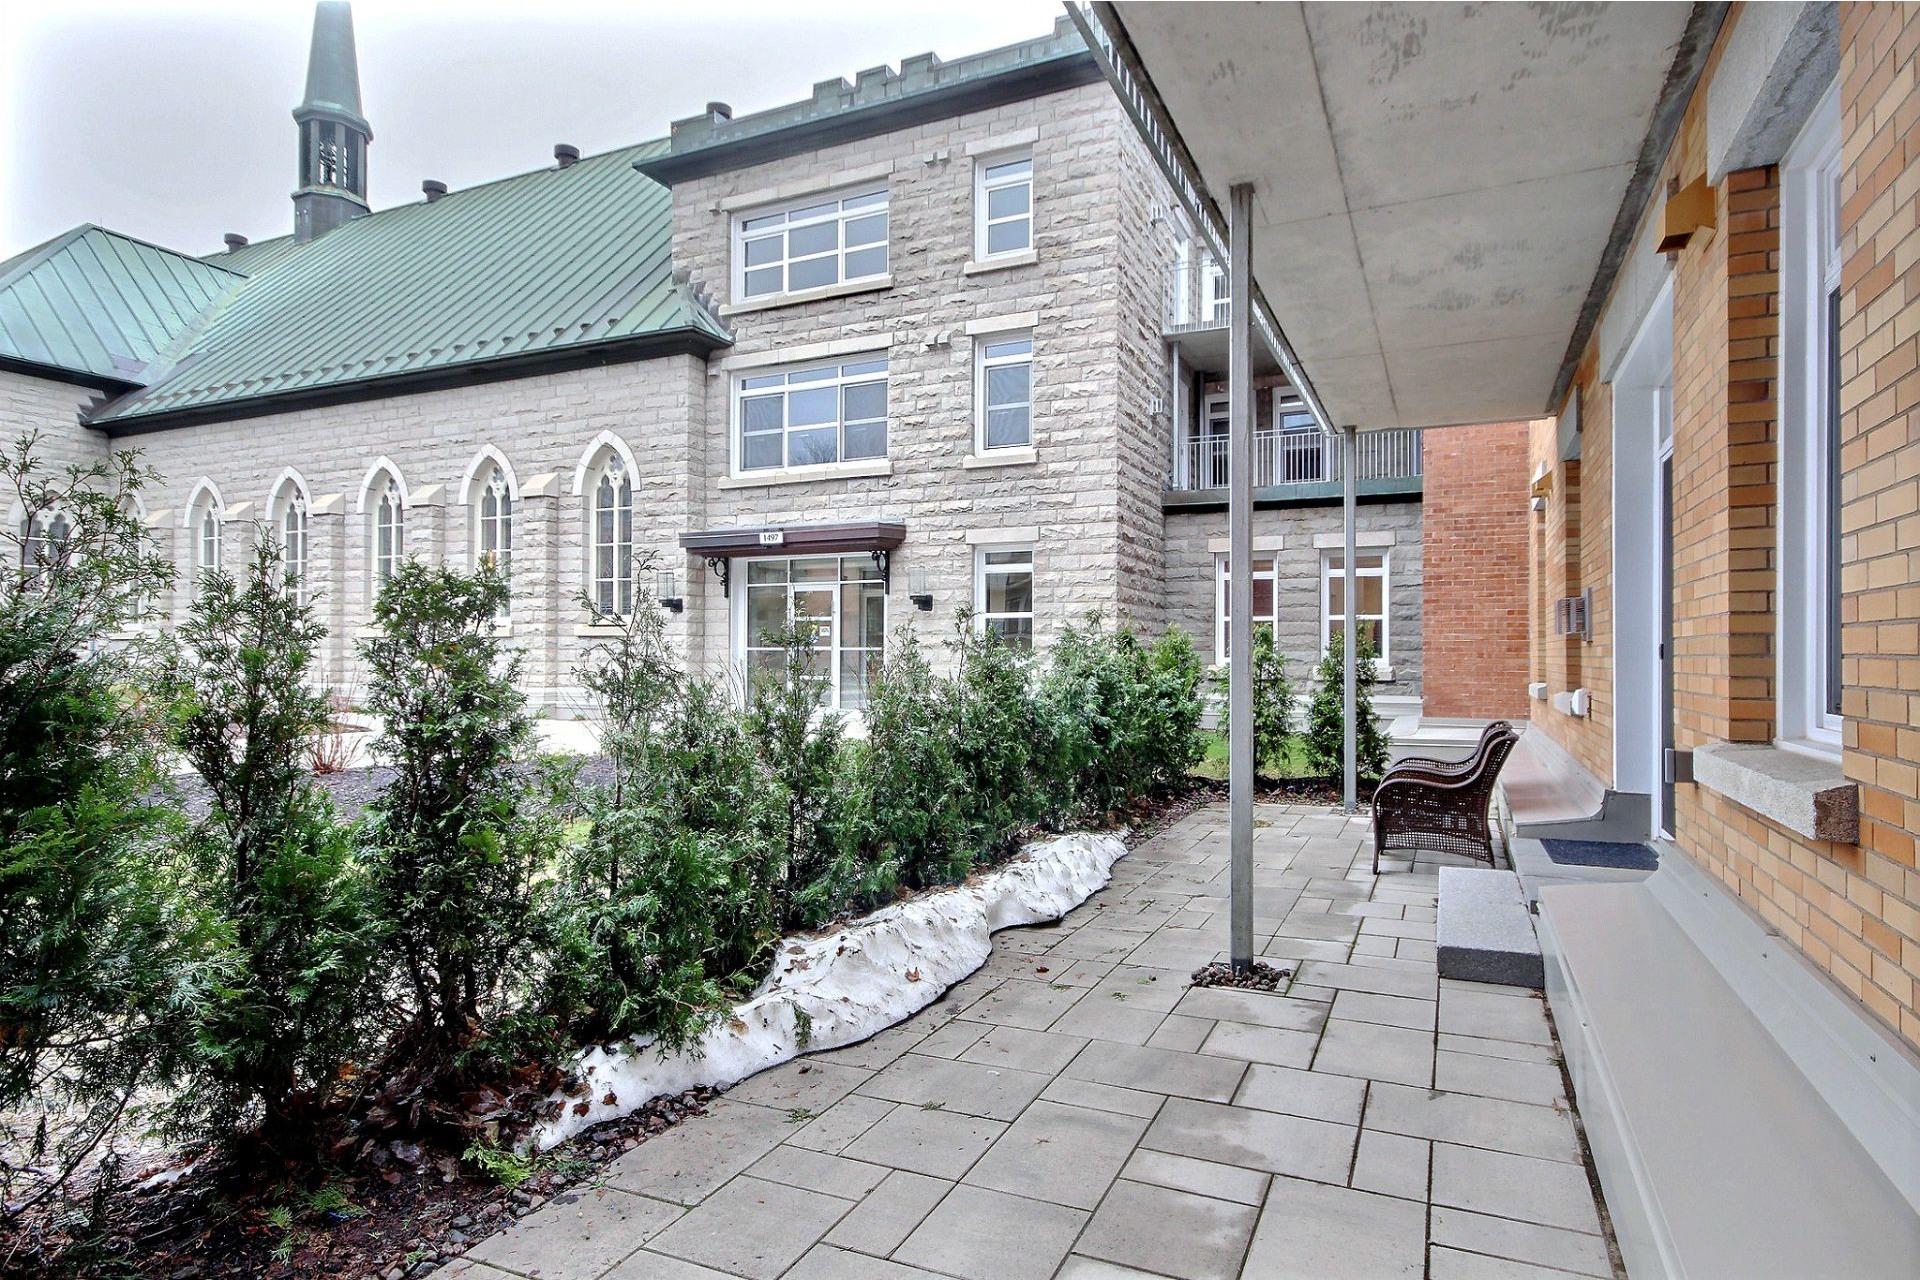 image 22 - Appartement À vendre Sainte-Foy/Sillery/Cap-Rouge Québec  - 7 pièces